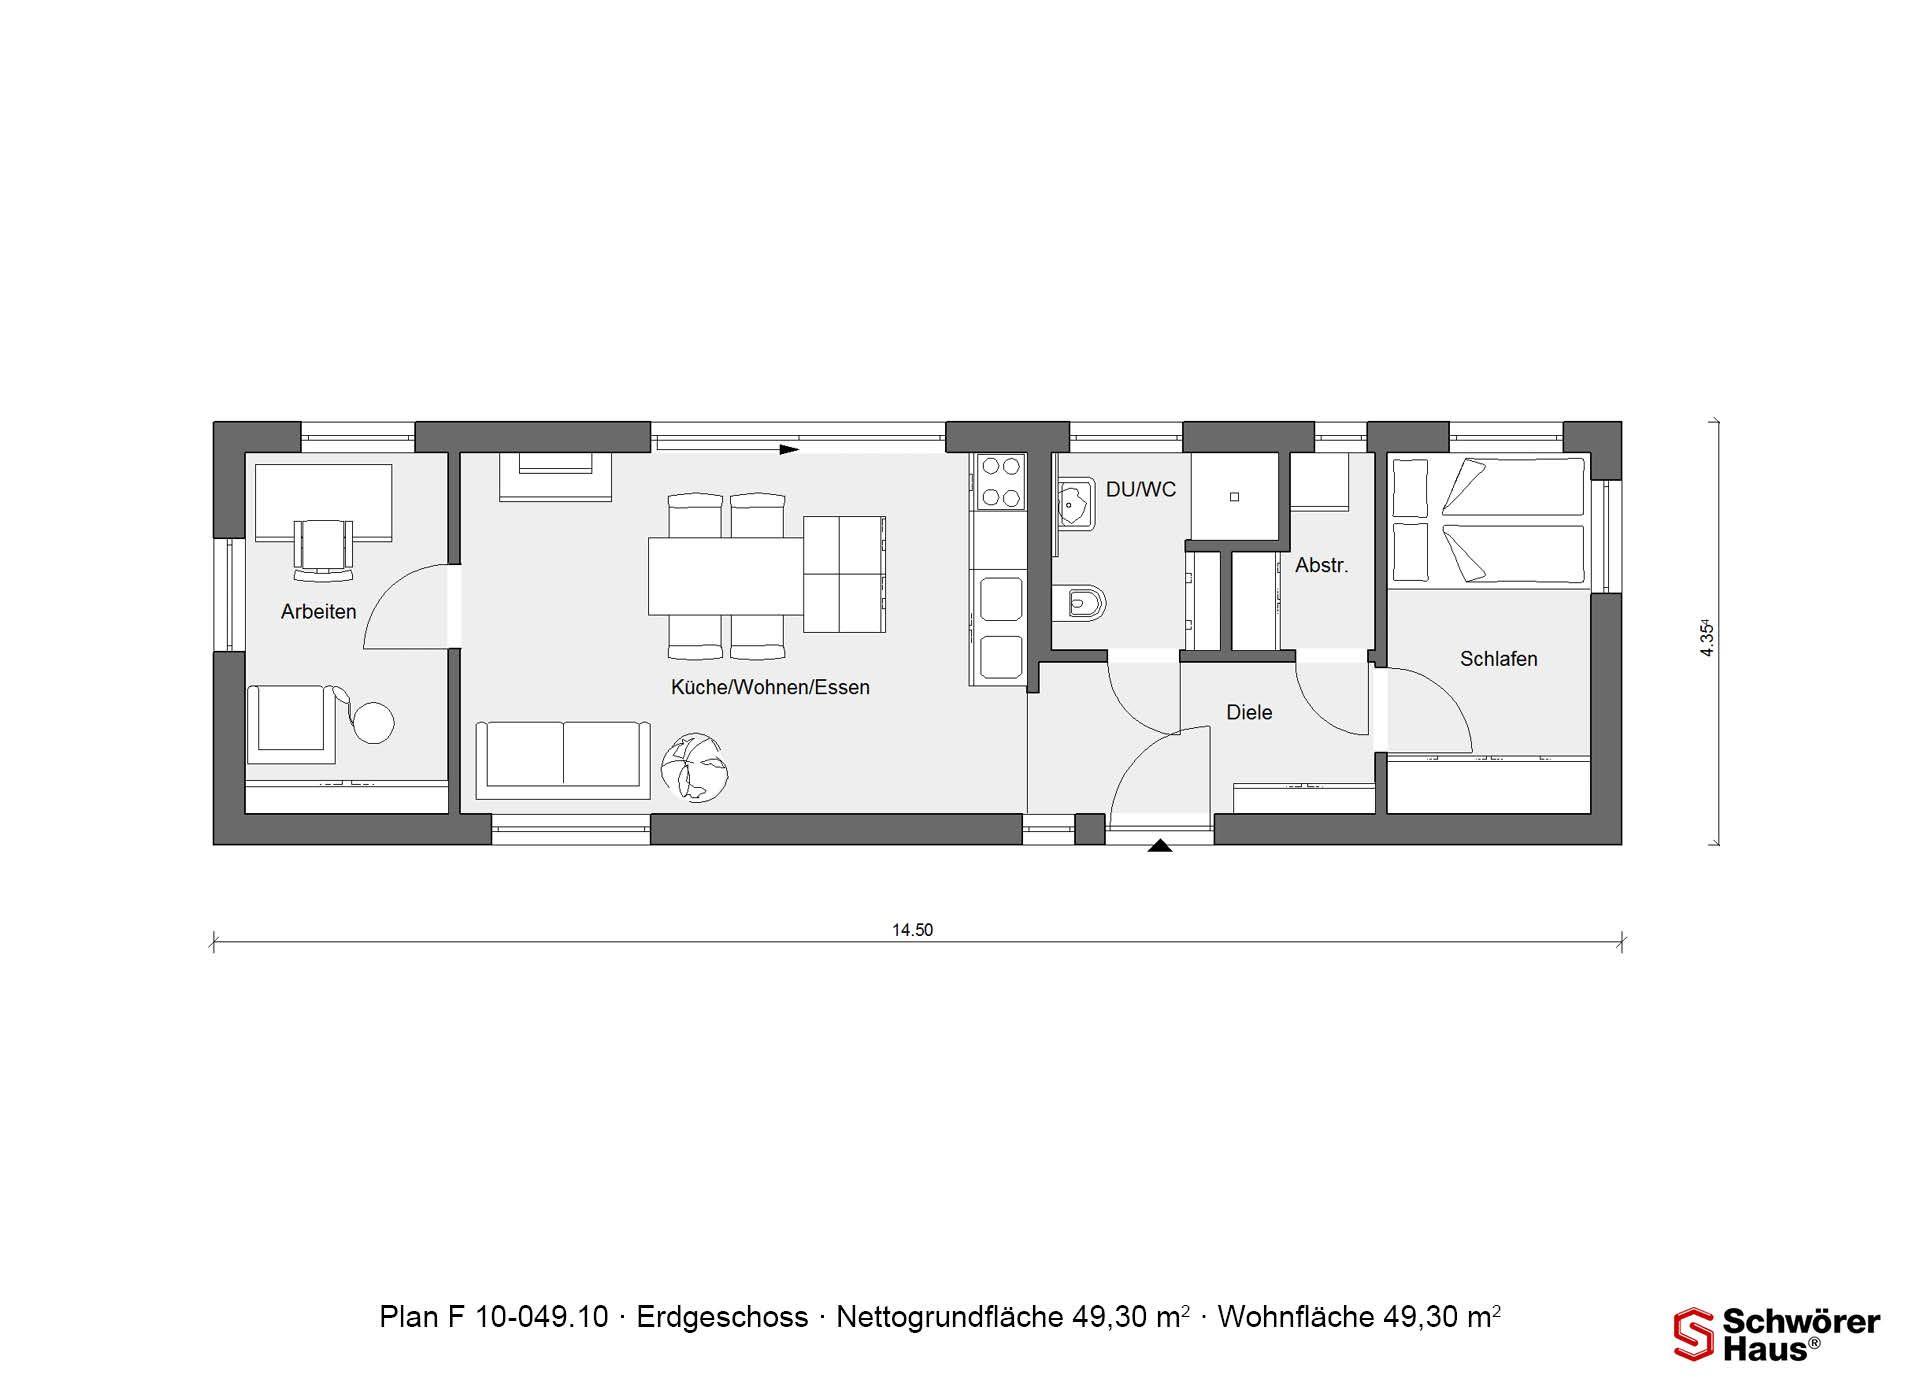 grundriss erdgeschoss flyingspace e 10 minihaus. Black Bedroom Furniture Sets. Home Design Ideas